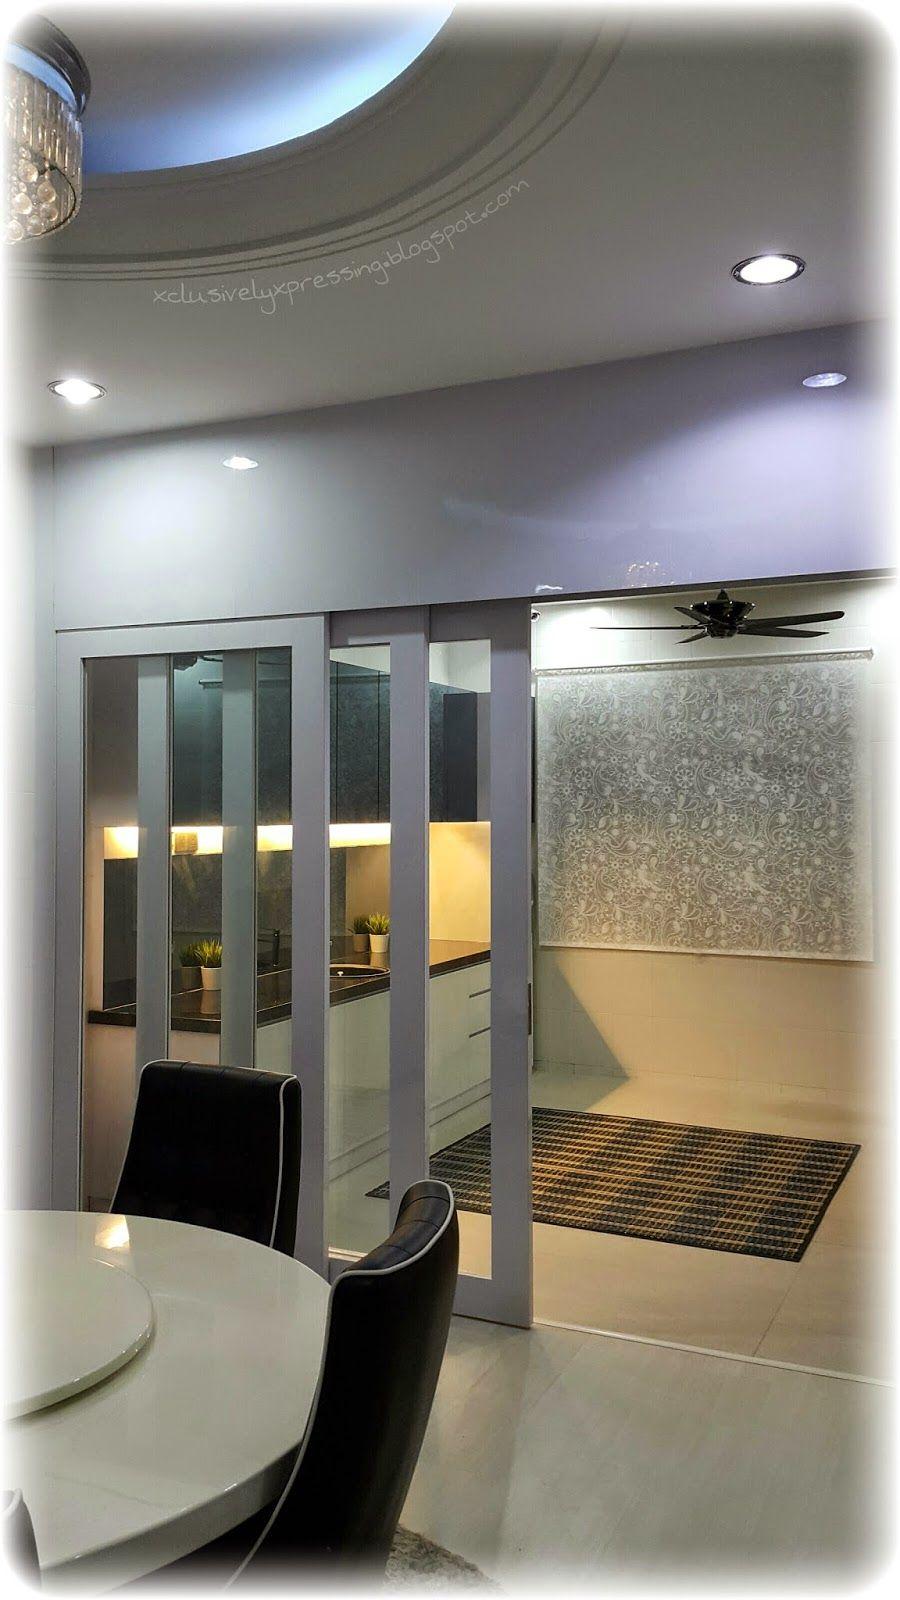 Divider Ruang Tamu Dan Dapur  Desainrumahidcom